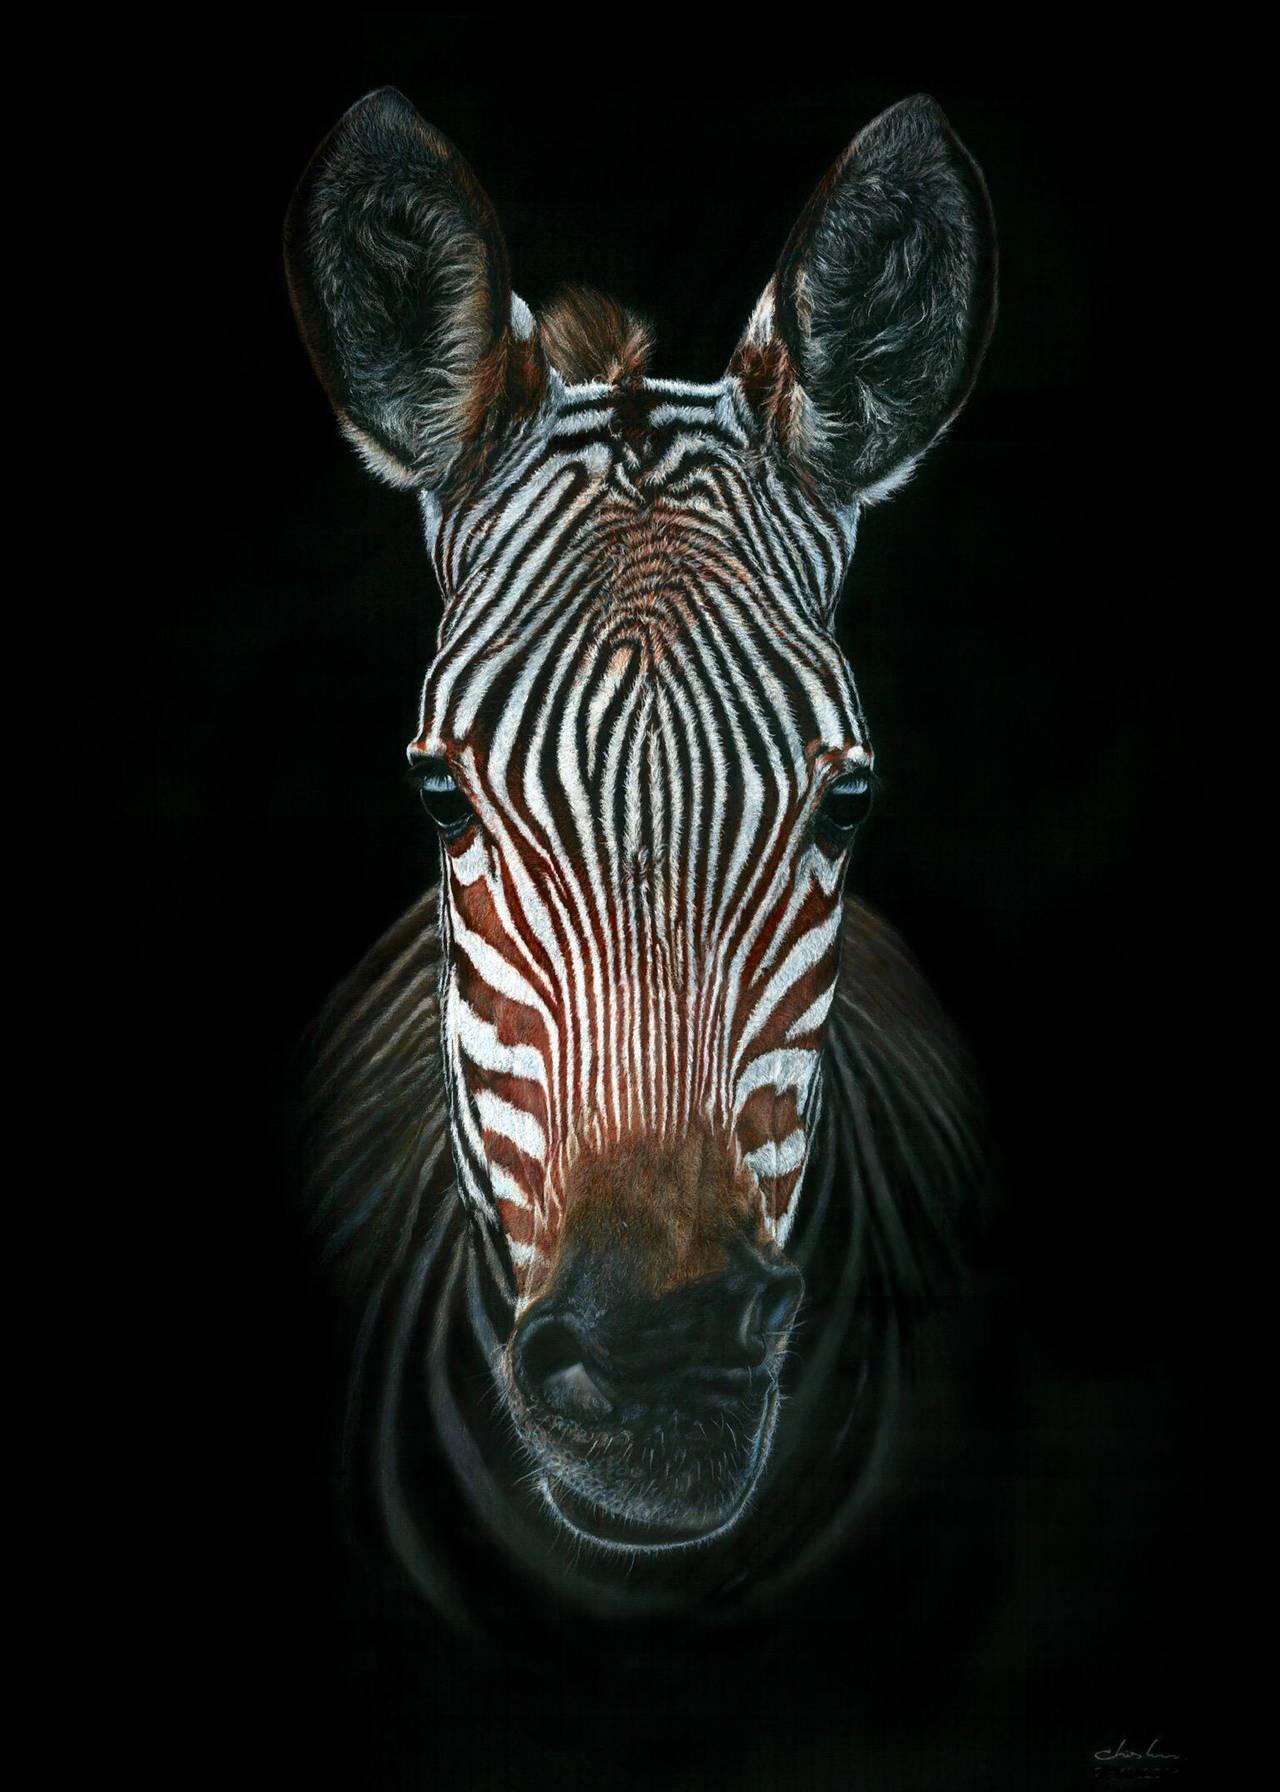 Zebra Portrait by GiovanniChis